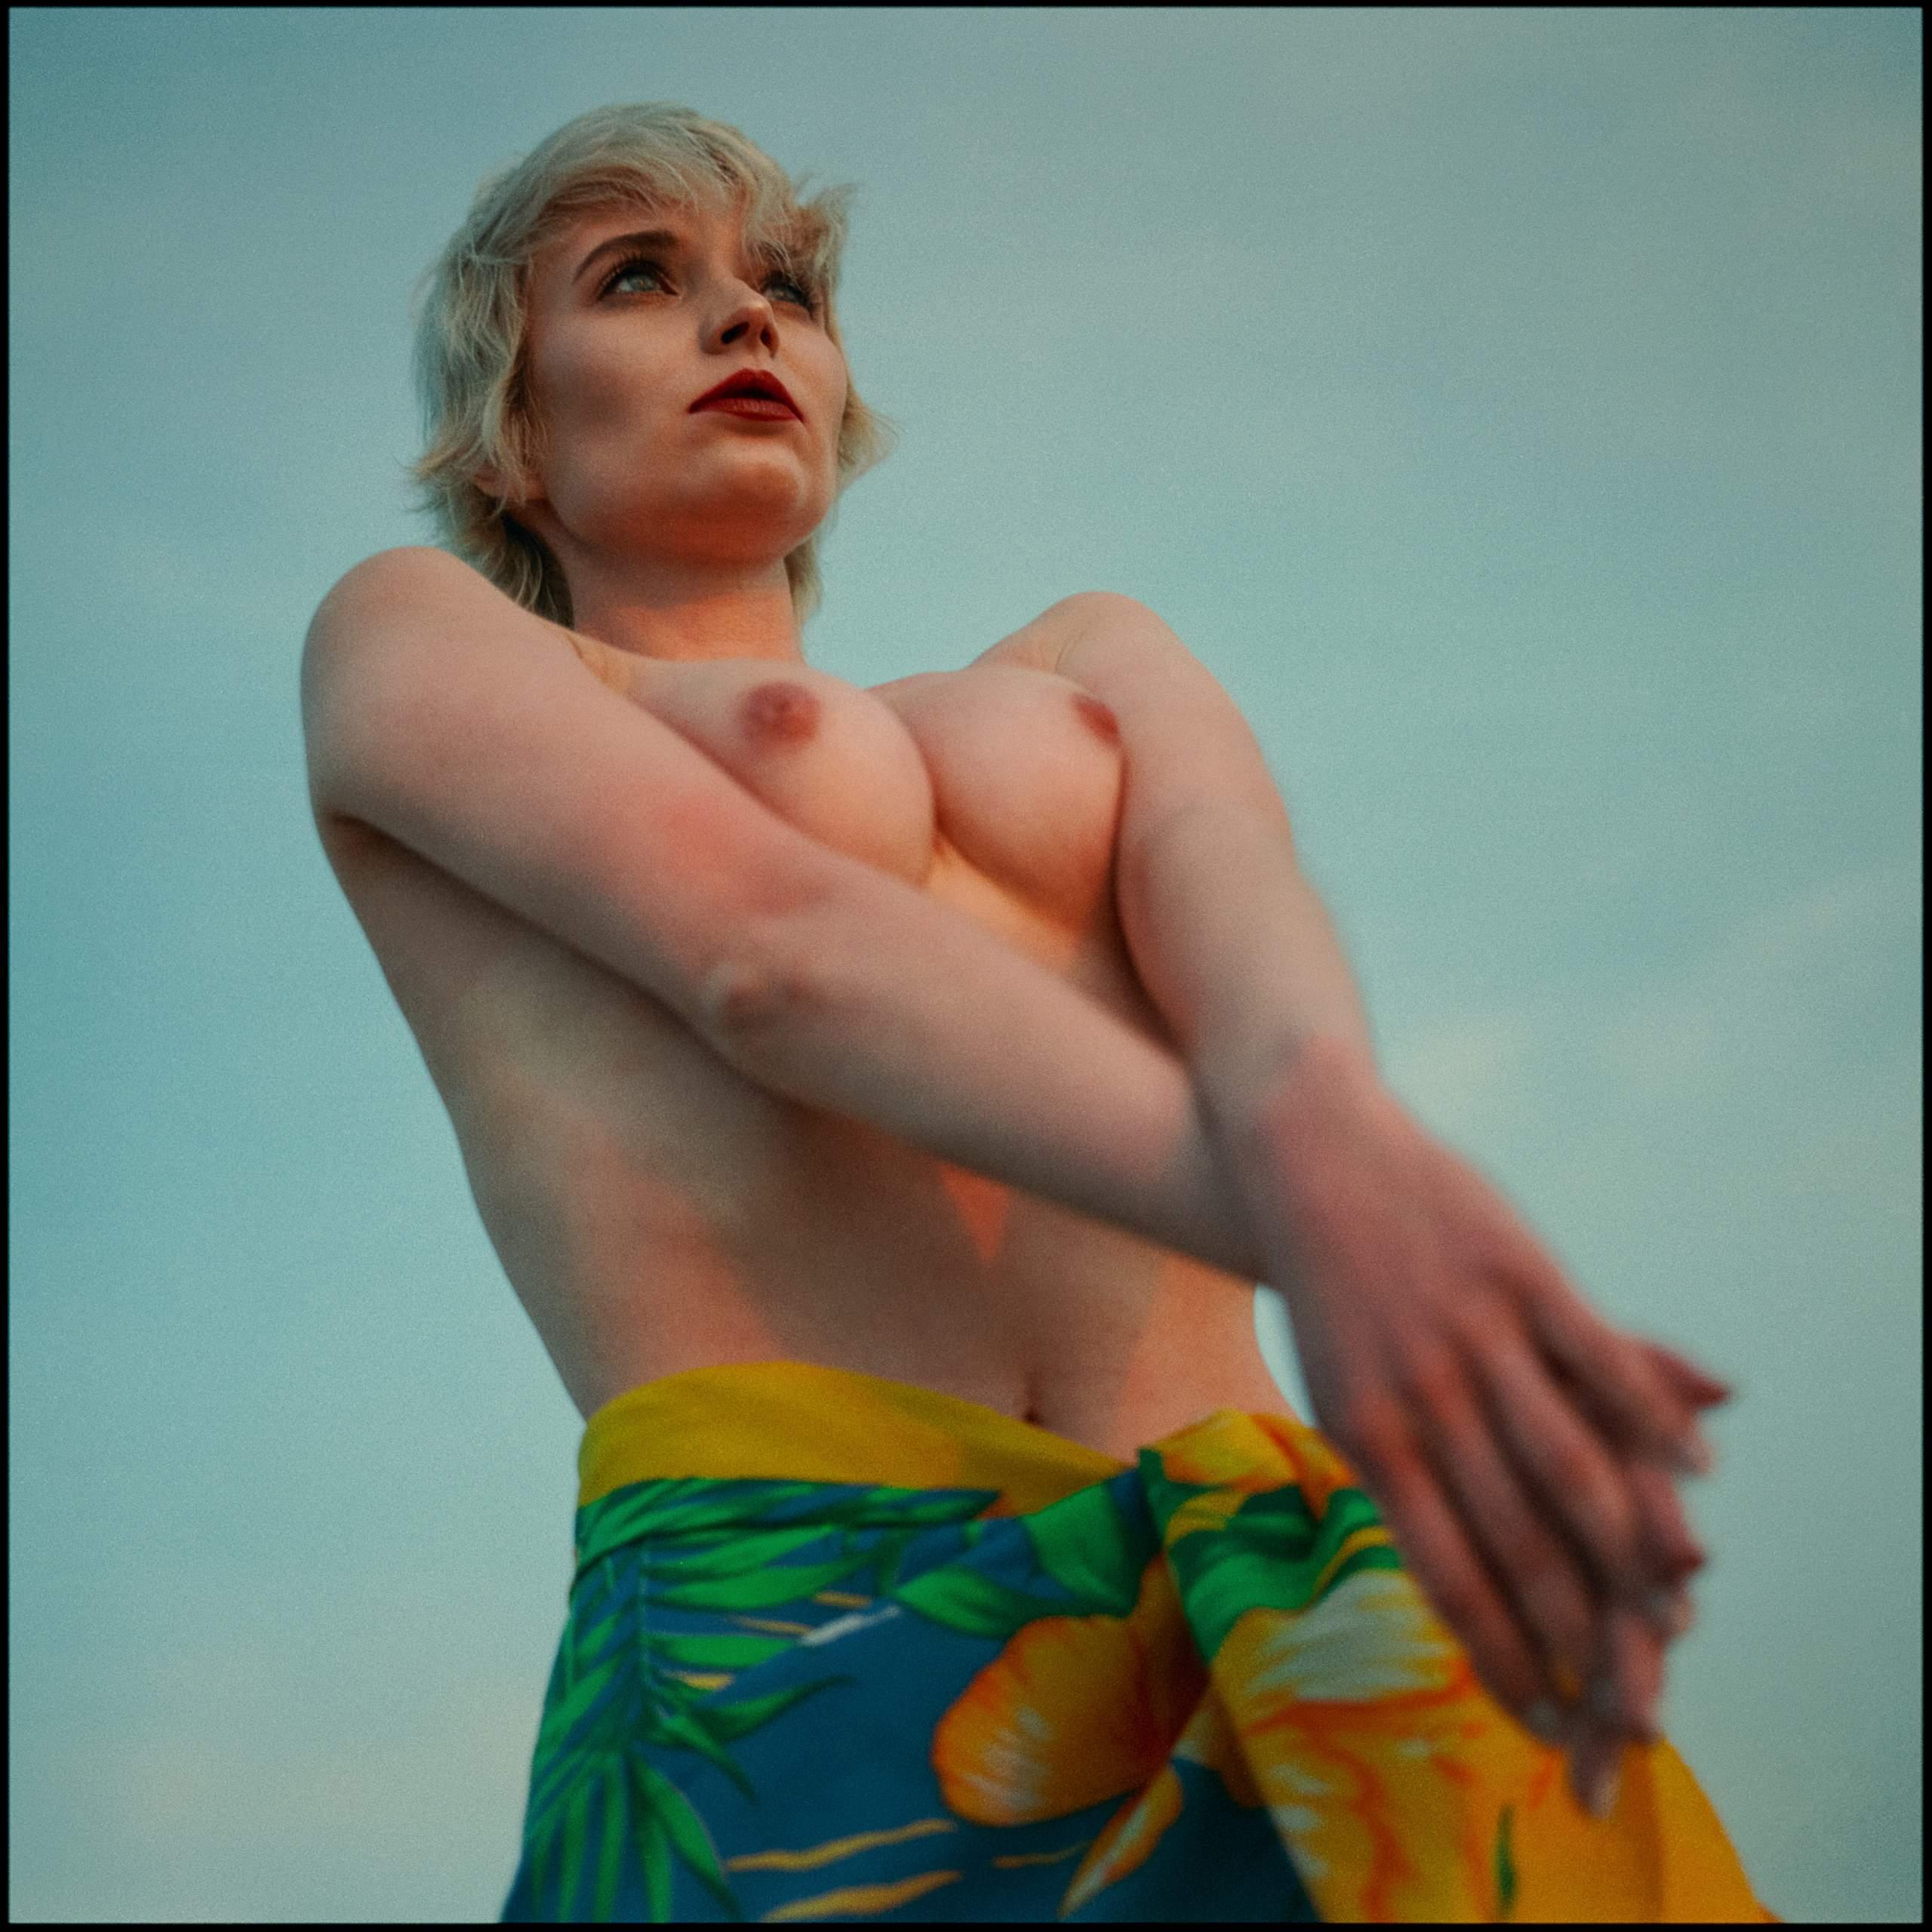 Aleksandra in colors nude art by lukasz_spychala_5